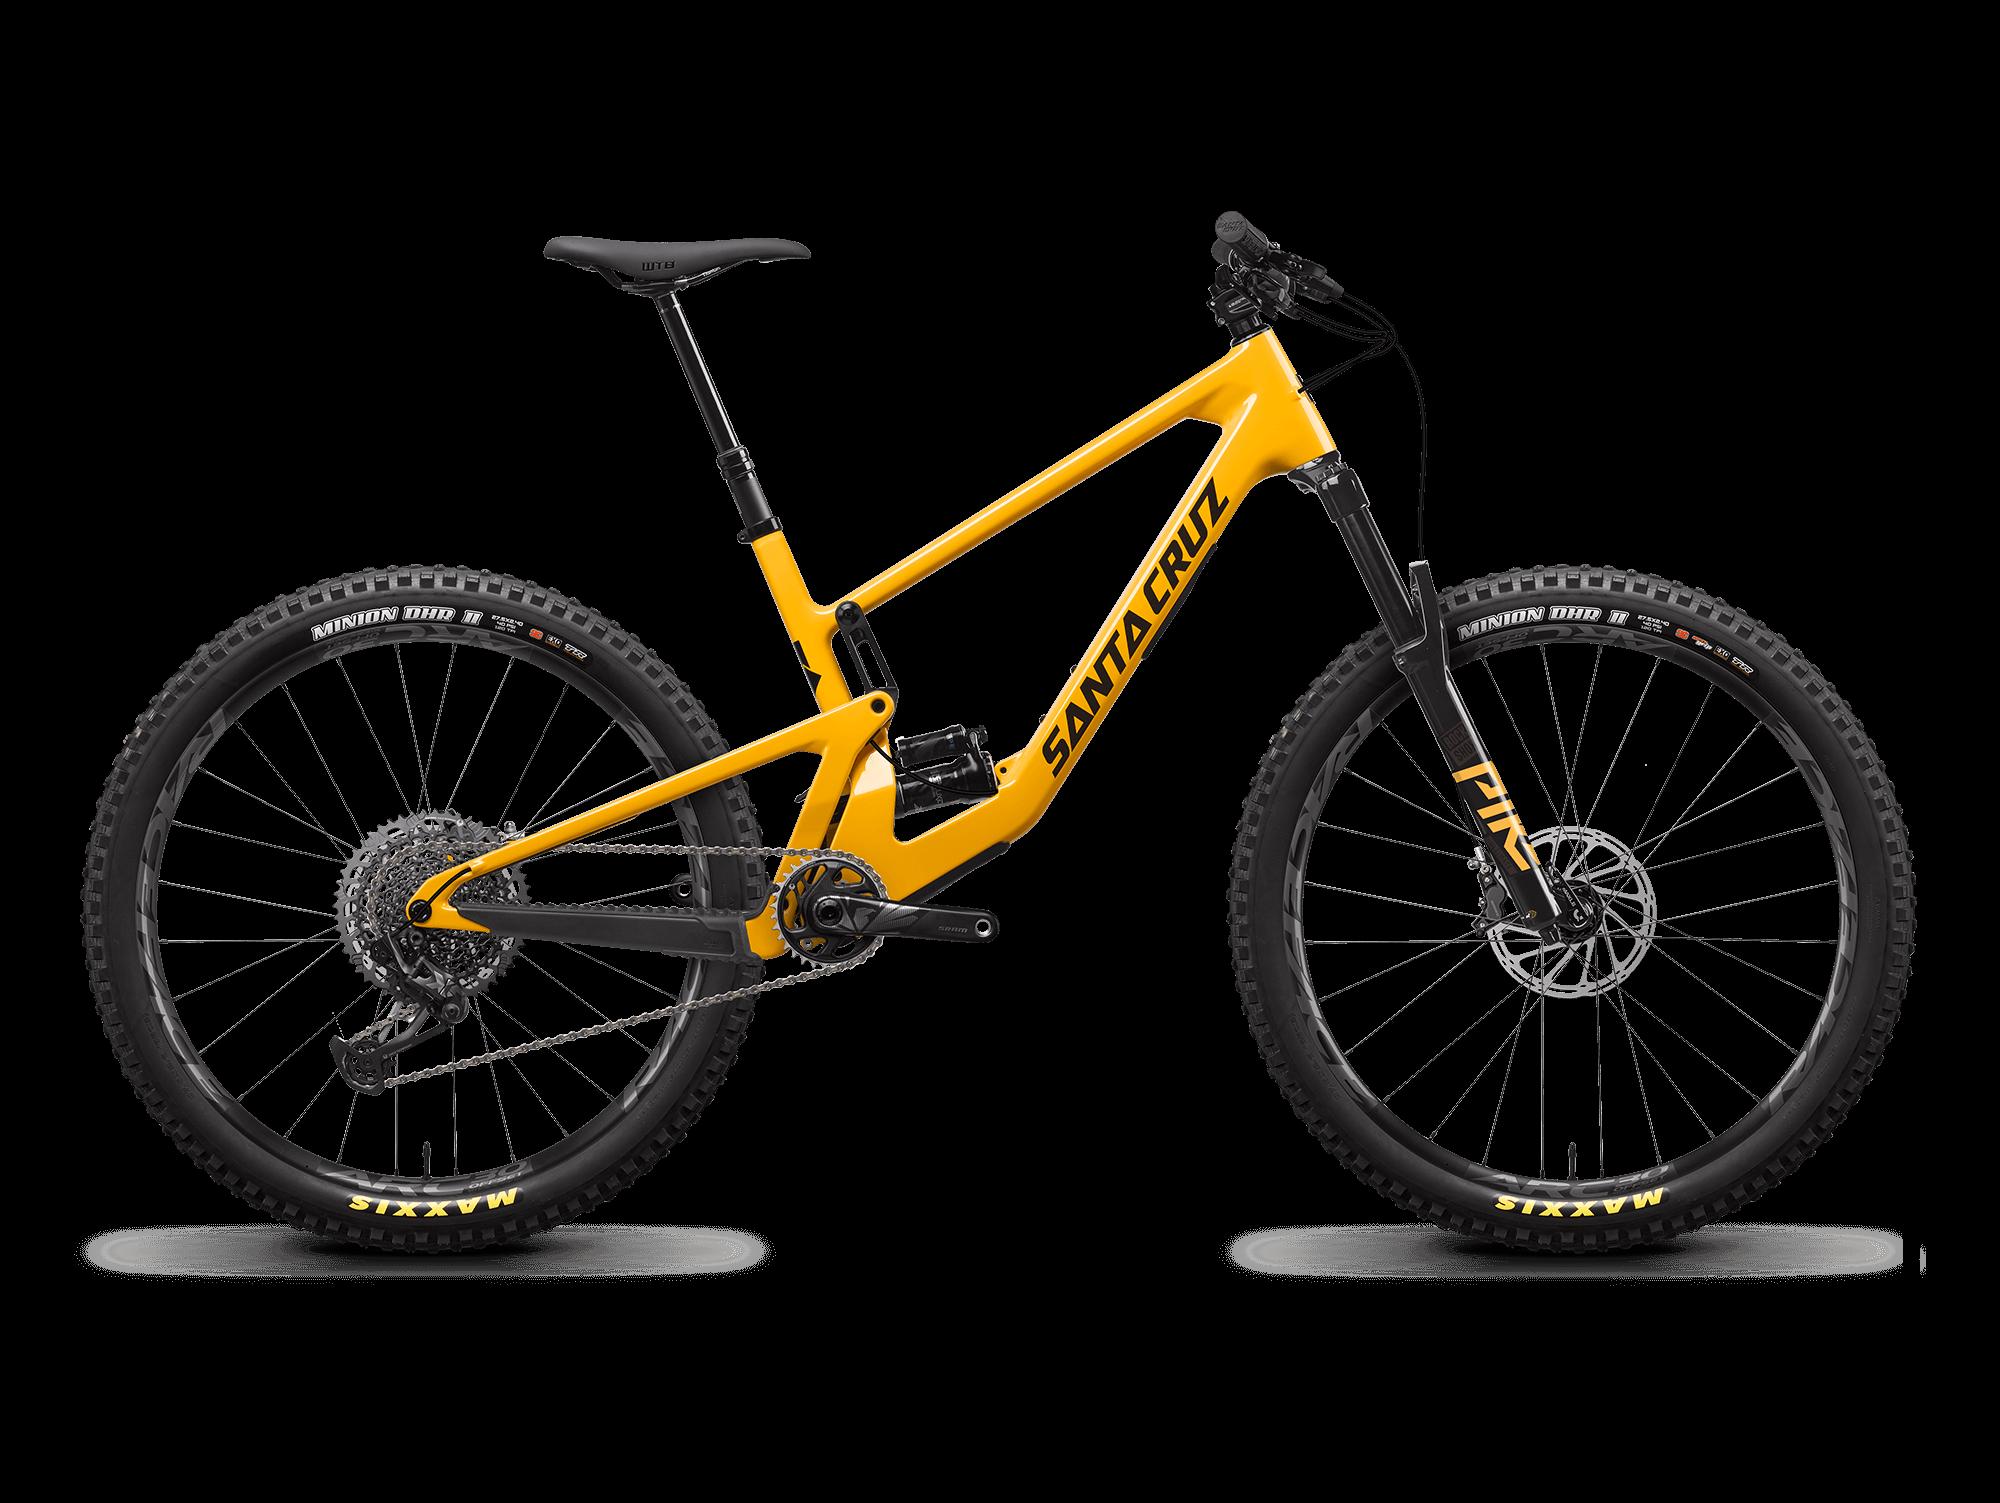 Santa Cruz 5010 V4 CC X01 Kit | Modell 2022